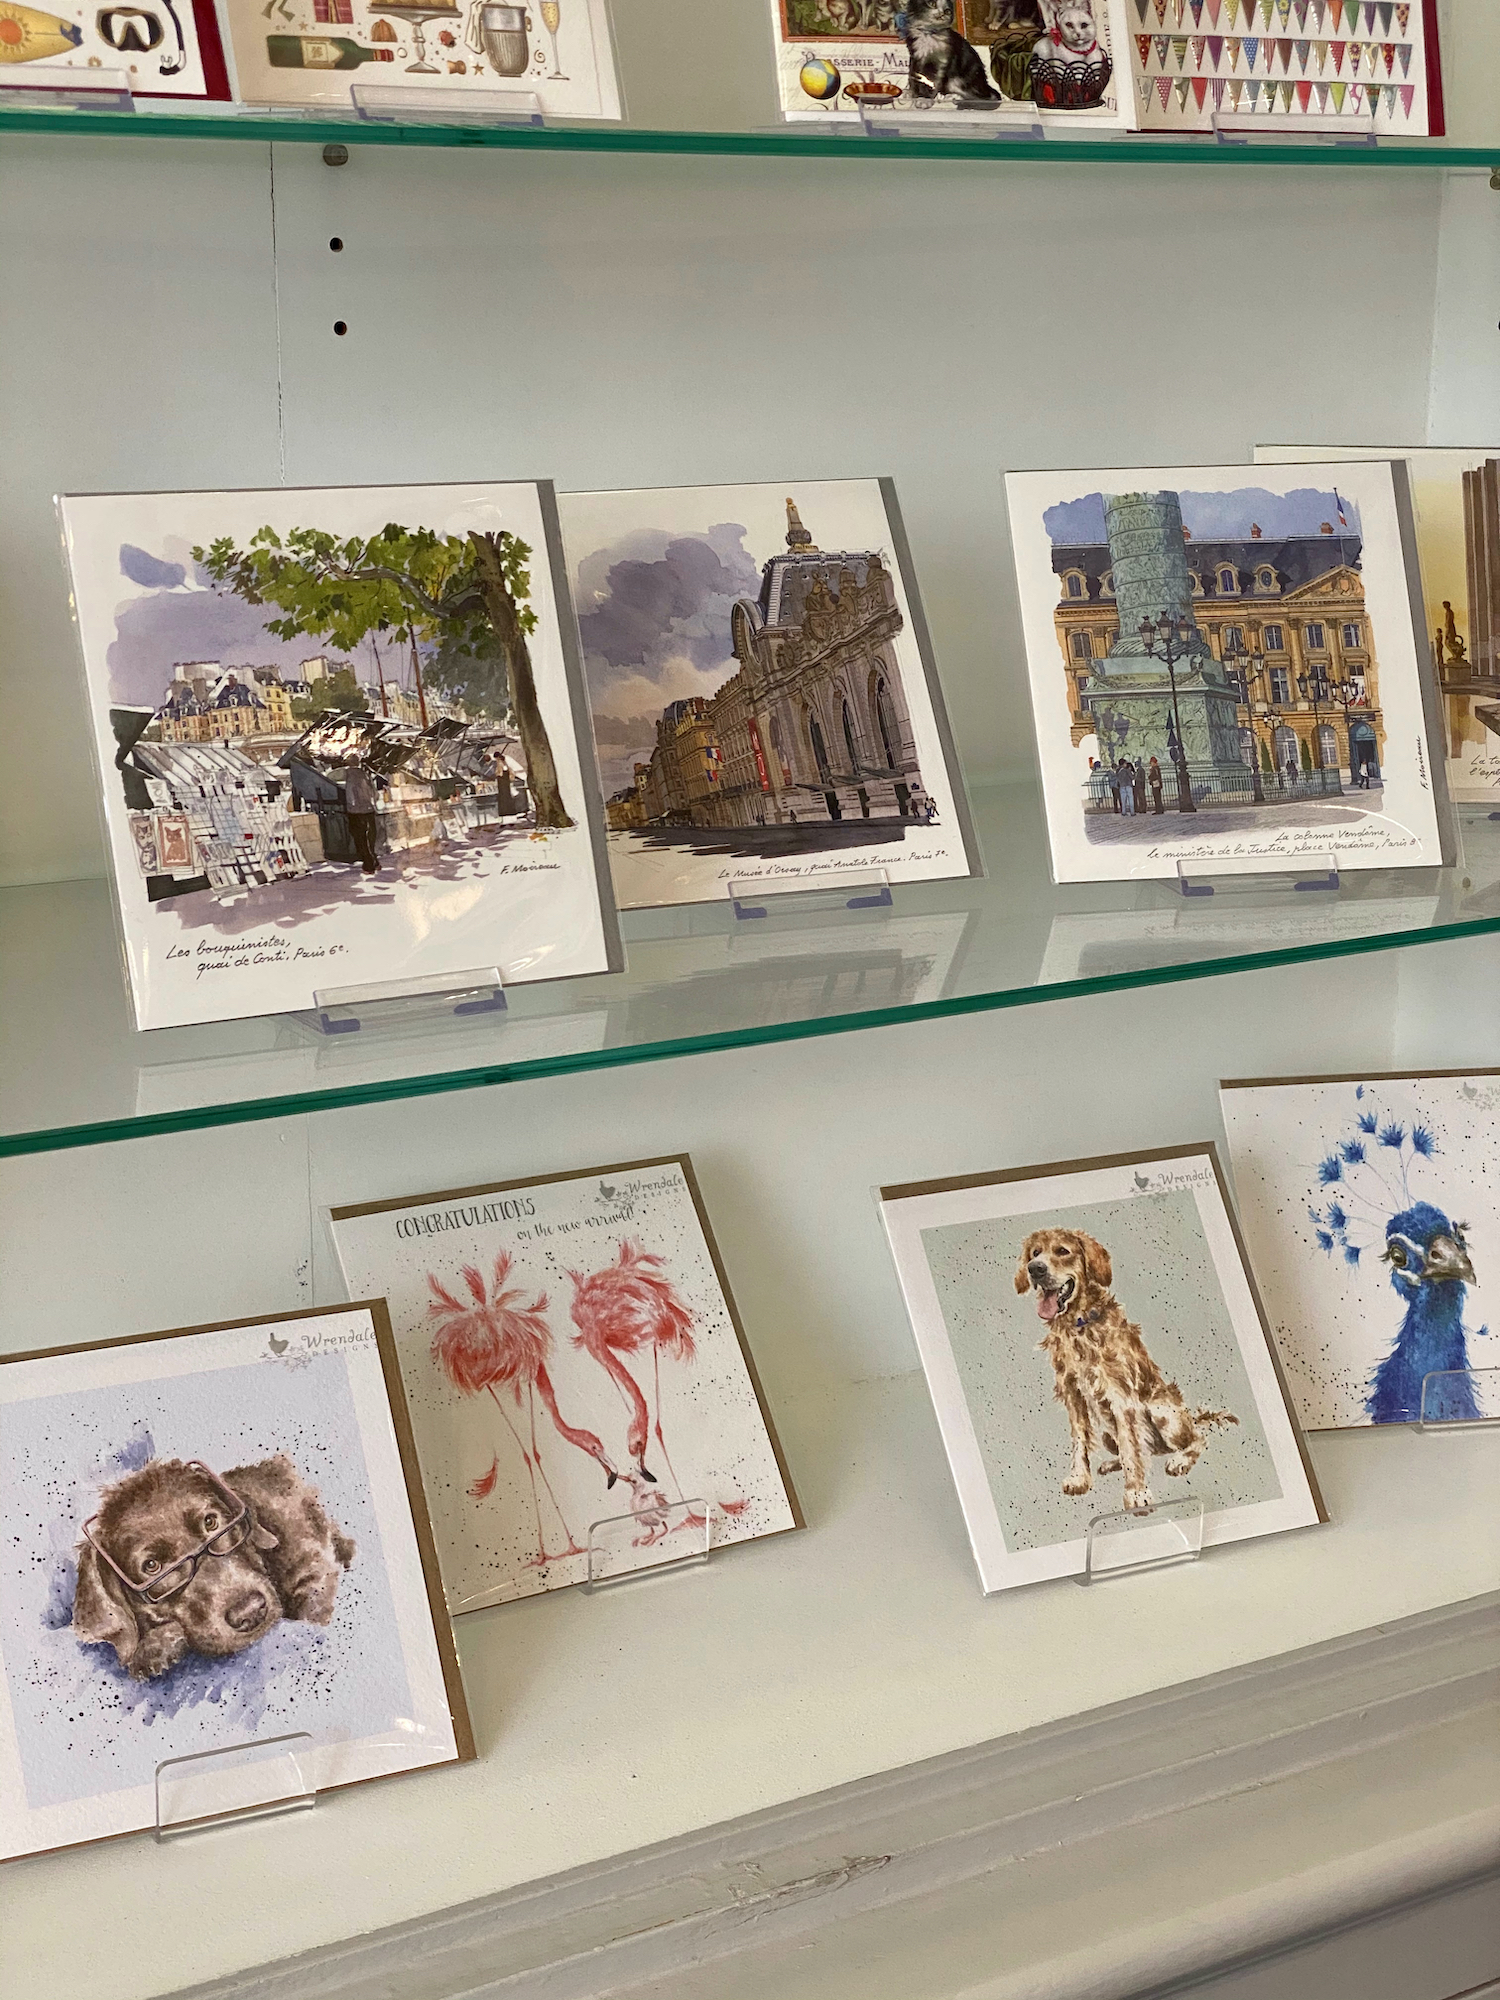 Olivier de Sercey cards